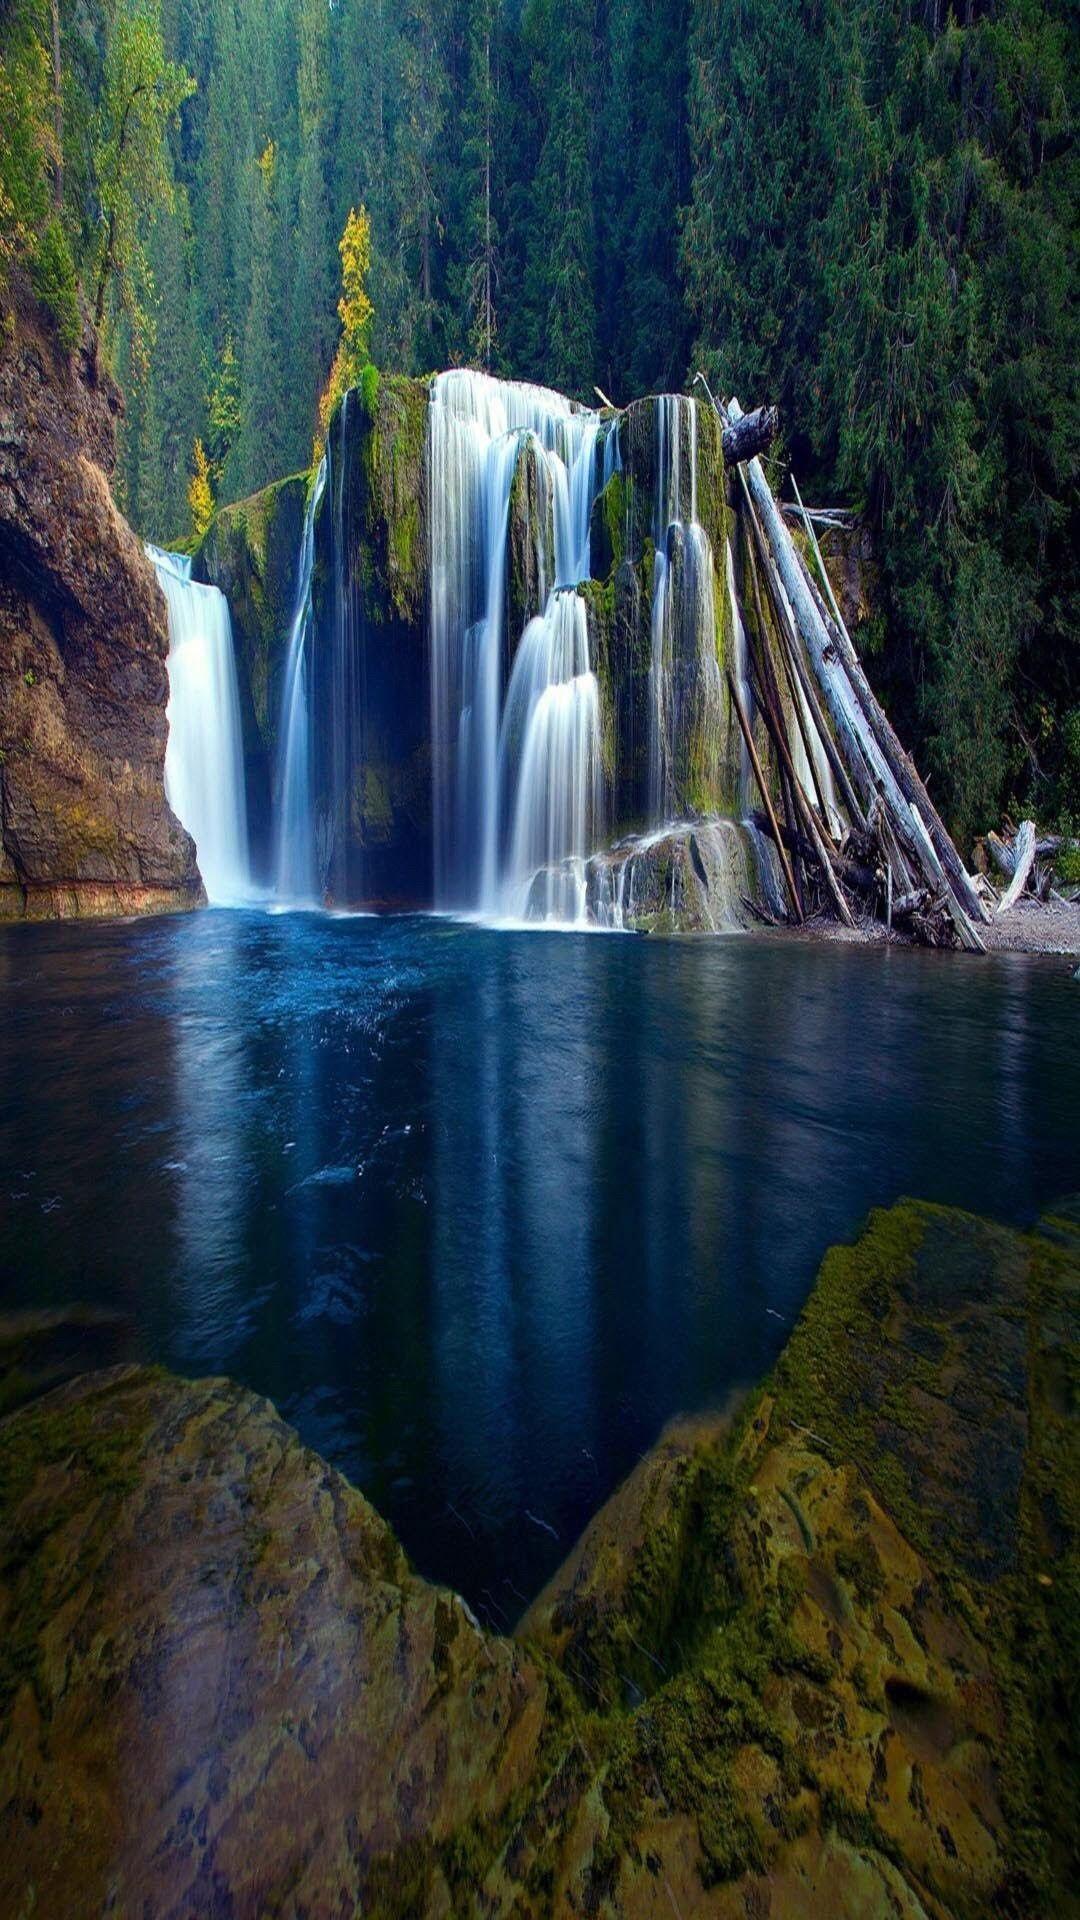 Paesaggi D Acqua Piscine pin di azzurra ariè su paesaggi (con immagini)   cascate d